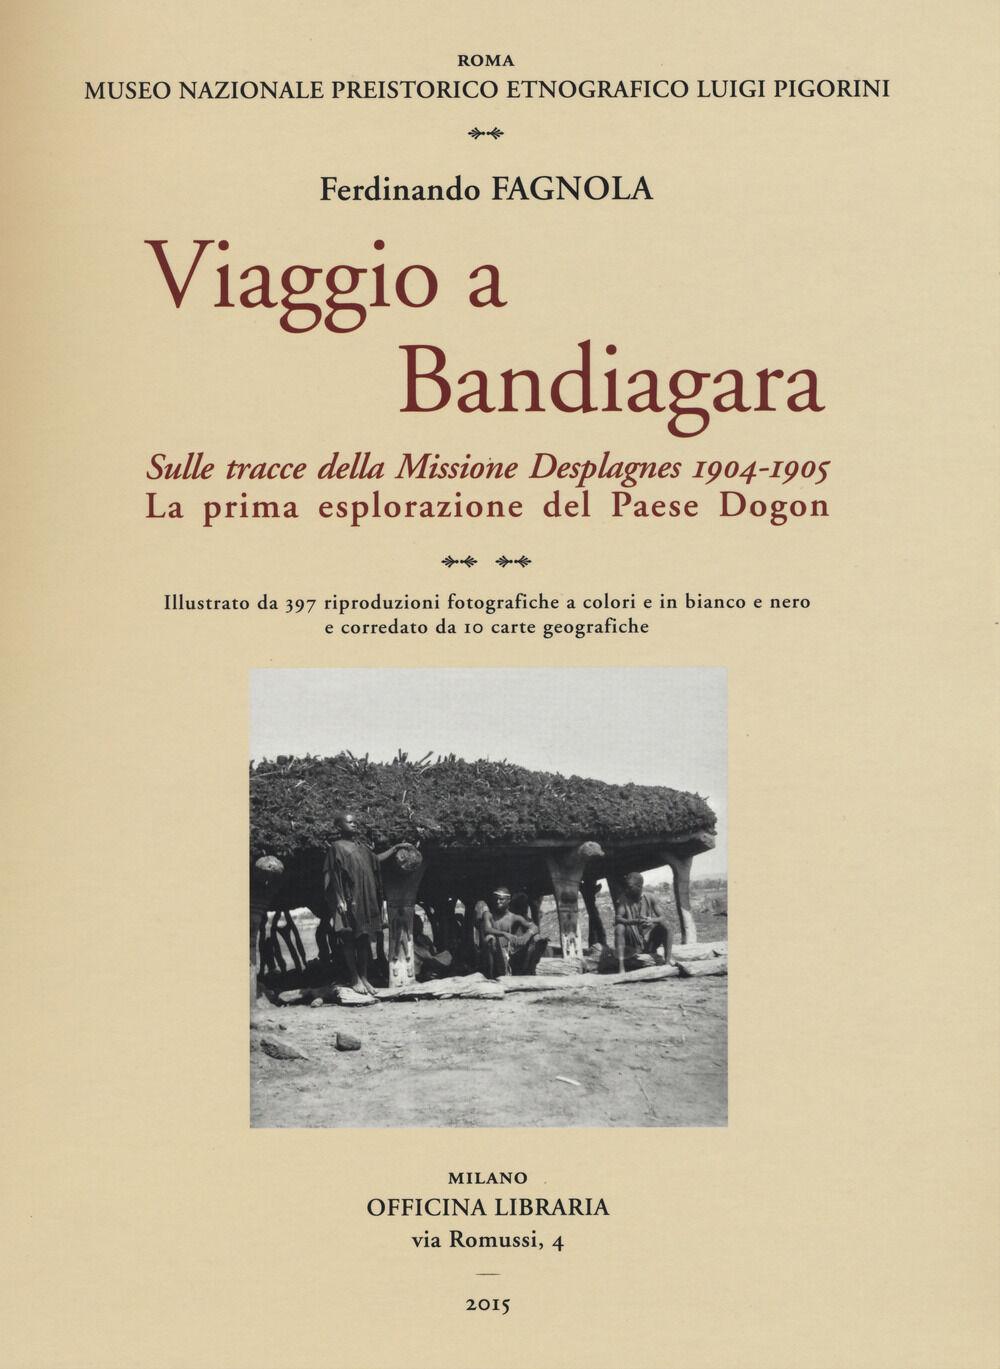 Viaggio a Bandiagara. Sulle tracce della missione Desplagnes, (1904-1905). La prima esplorazione del paese Dogon